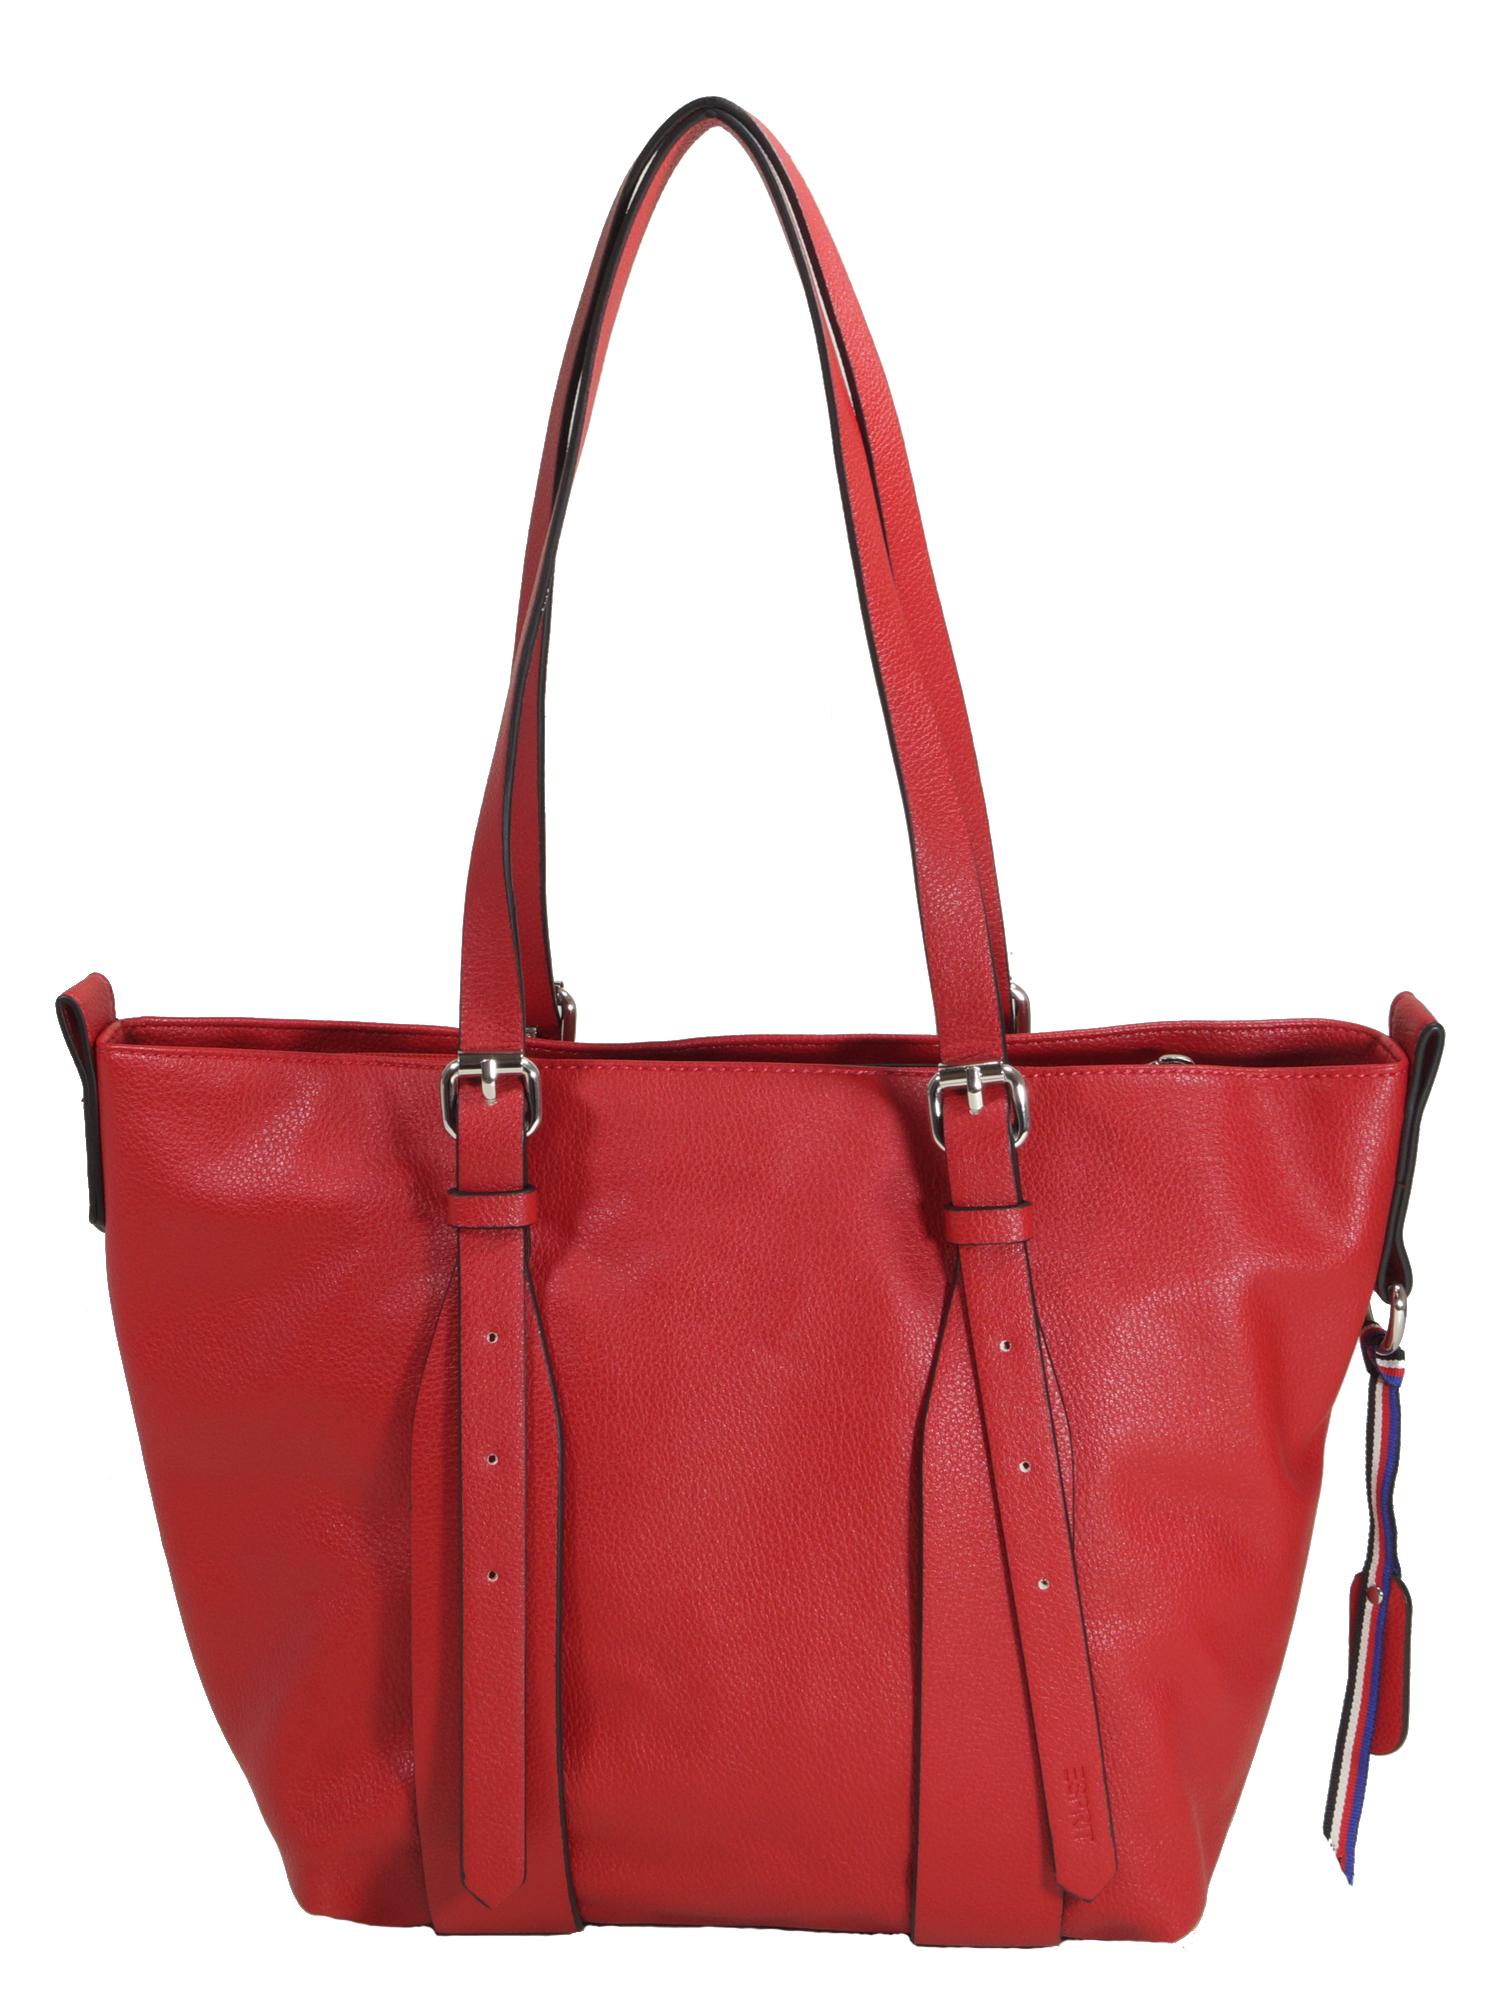 Sortenstile von 2019 Top Qualität Genieße den niedrigsten Preis Esprit Damen Handtasche Tasche Henkeltasche Liz small shopper Rot